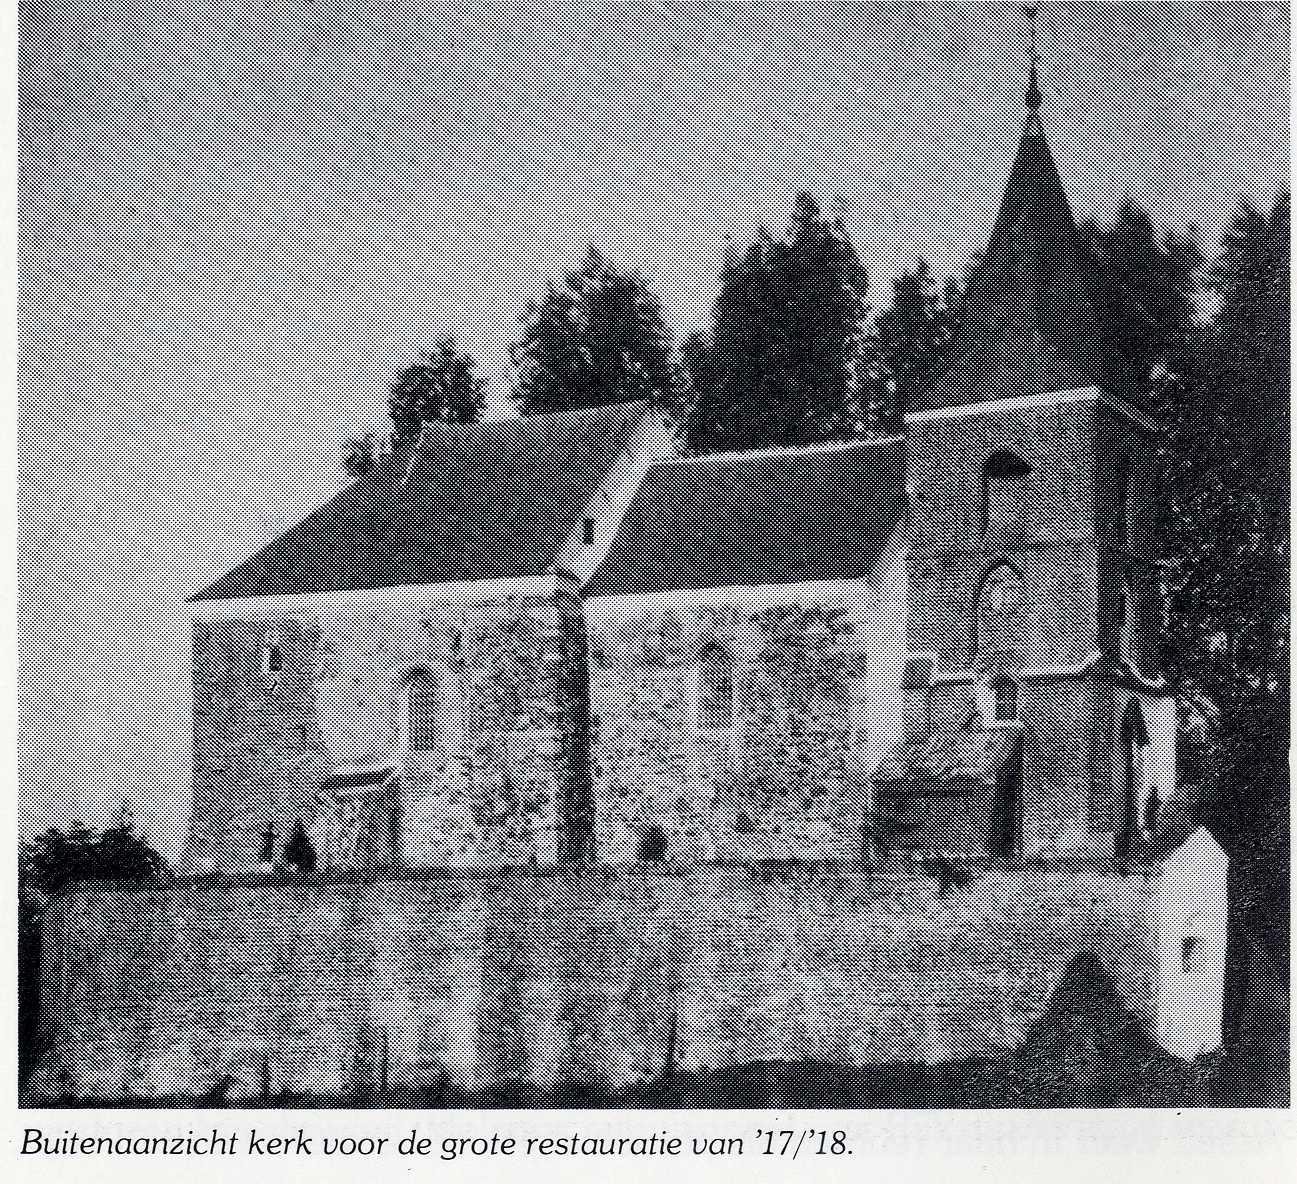 lb500009-+19150000+buitenaanzicht+kerk+met+a.d.oostzijde+kruis+-asselt+a.d.+maas+%281%29.jpg